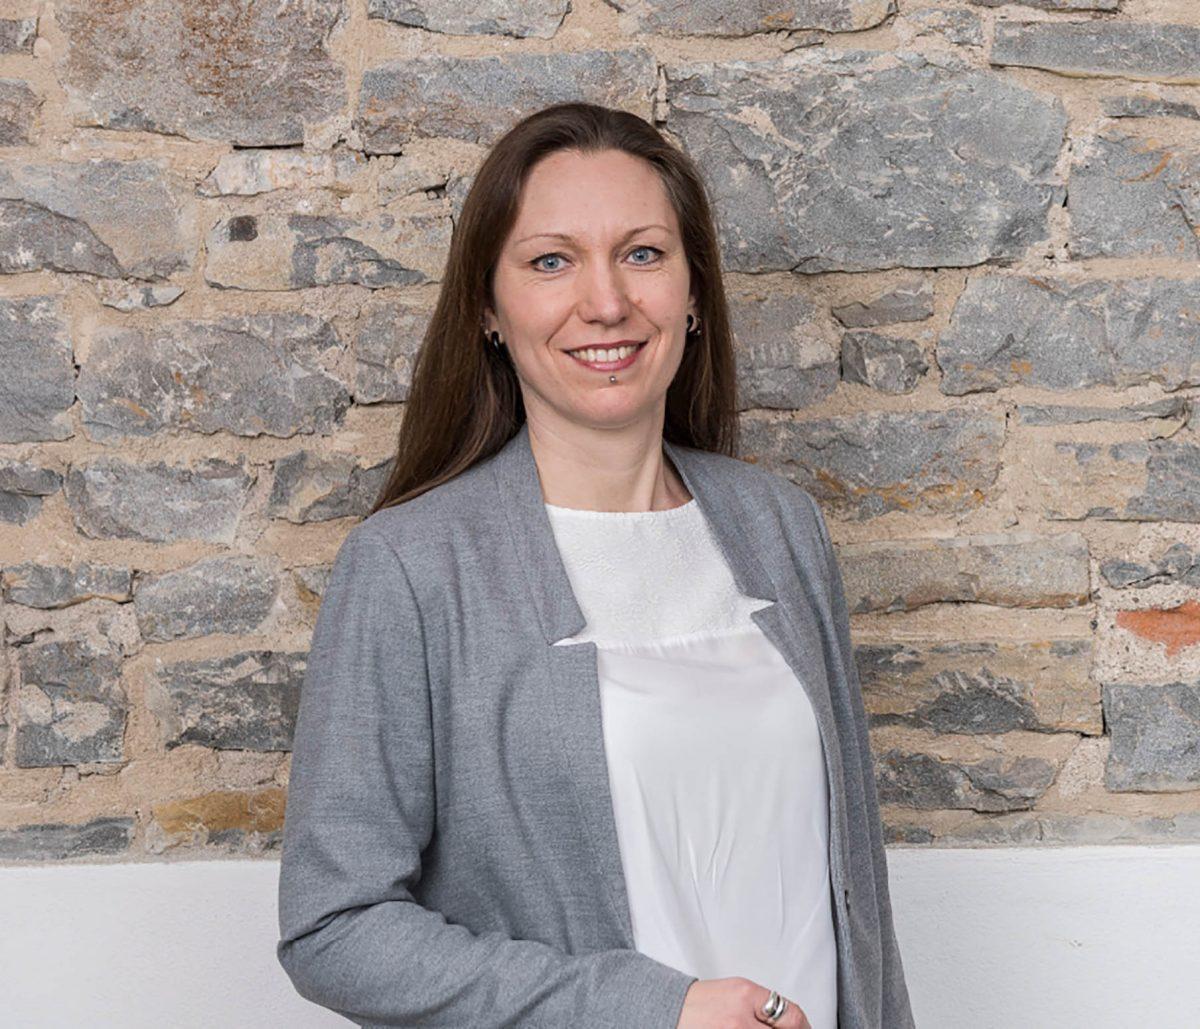 Tanja Diebel